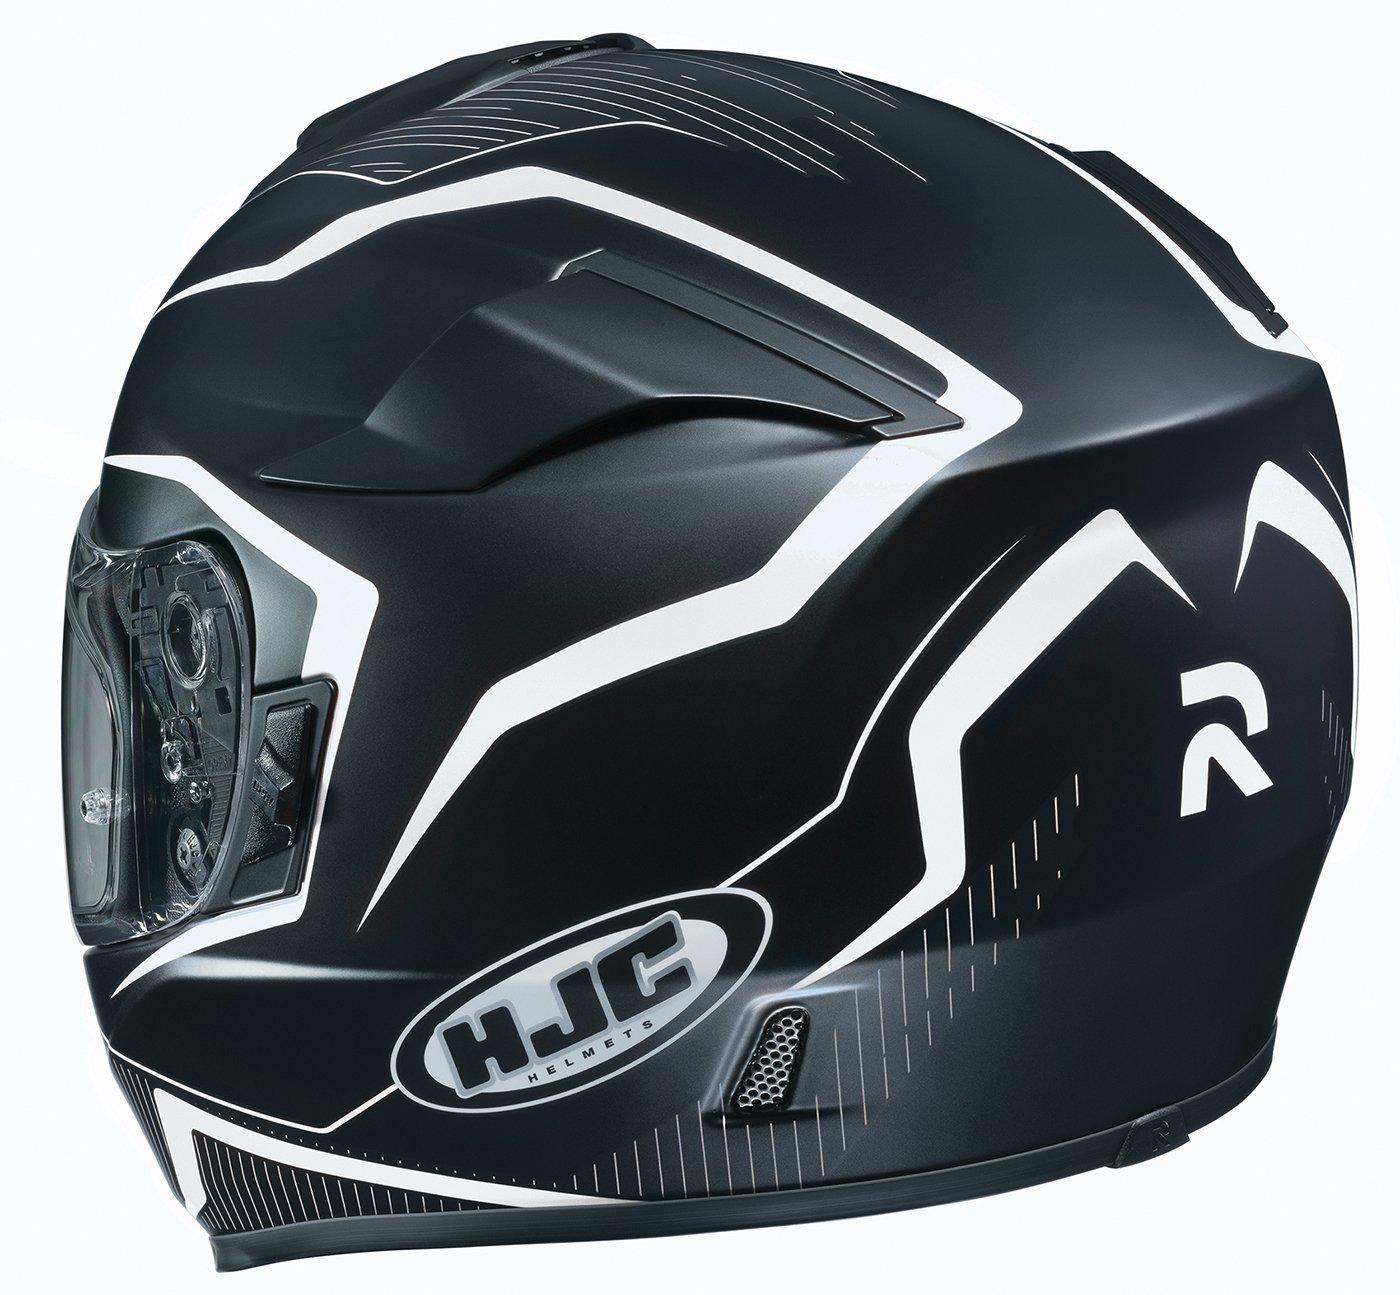 MC-5SF Black//White, XX-Large 1610-756 HJC Helmets Unisex-Adult Full-Face-Helmet-Style RPHA-ST Dabin Helmet